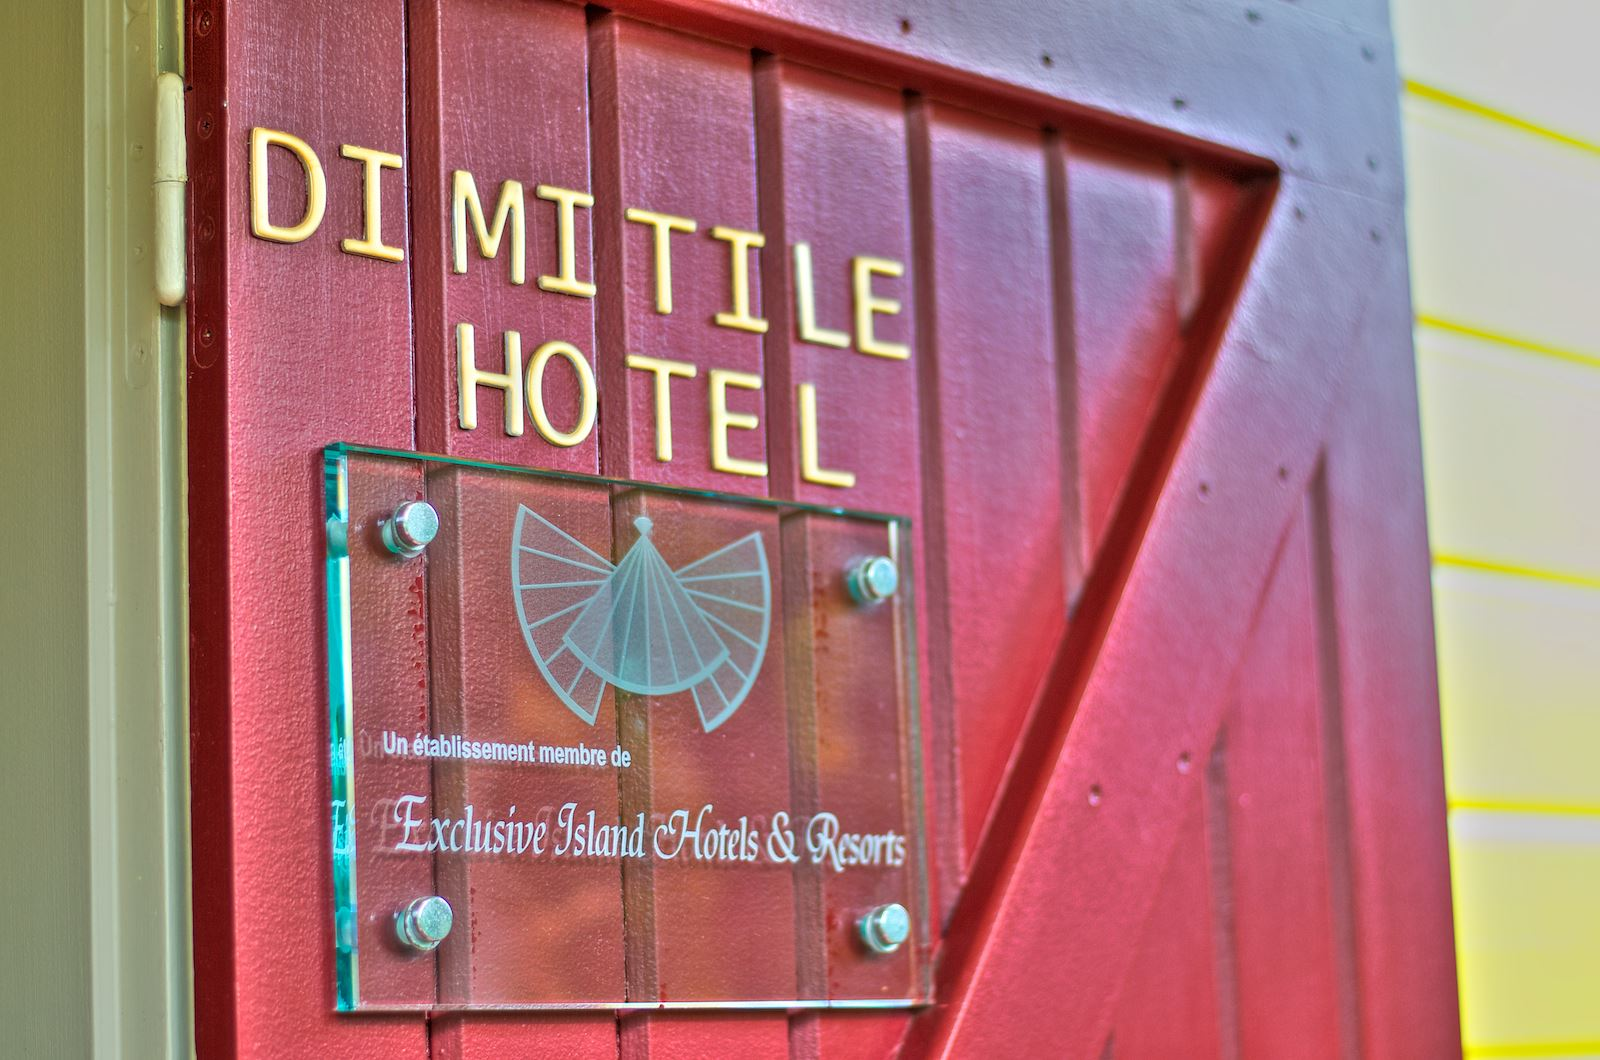 Dimitile Hôtel****